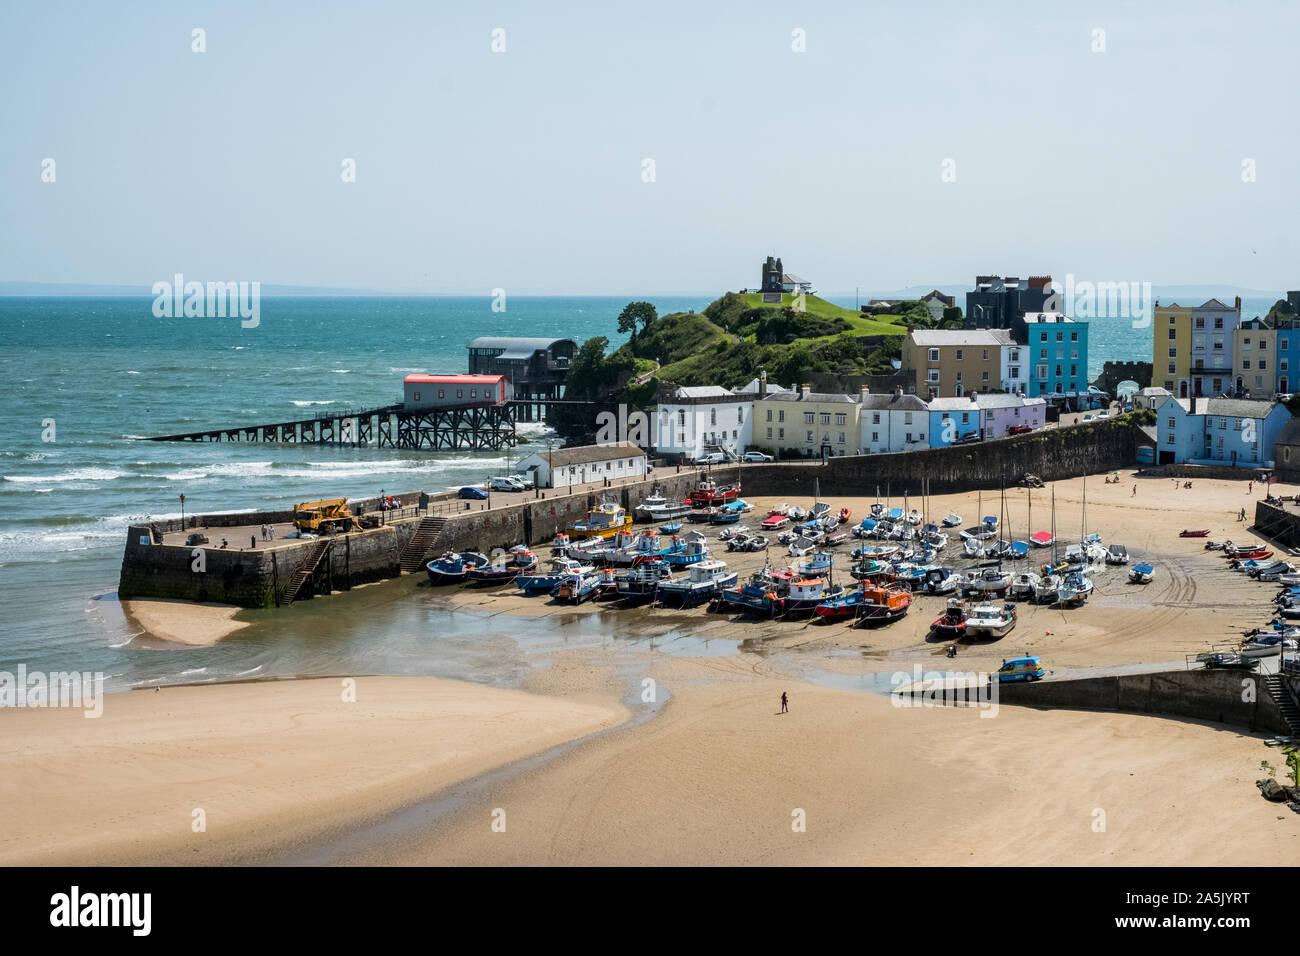 Portrait de maisons, plage de sable fin et du port de Tenby, Pembrokeshire, Pays de Galles, Royaume-Uni. Banque D'Images